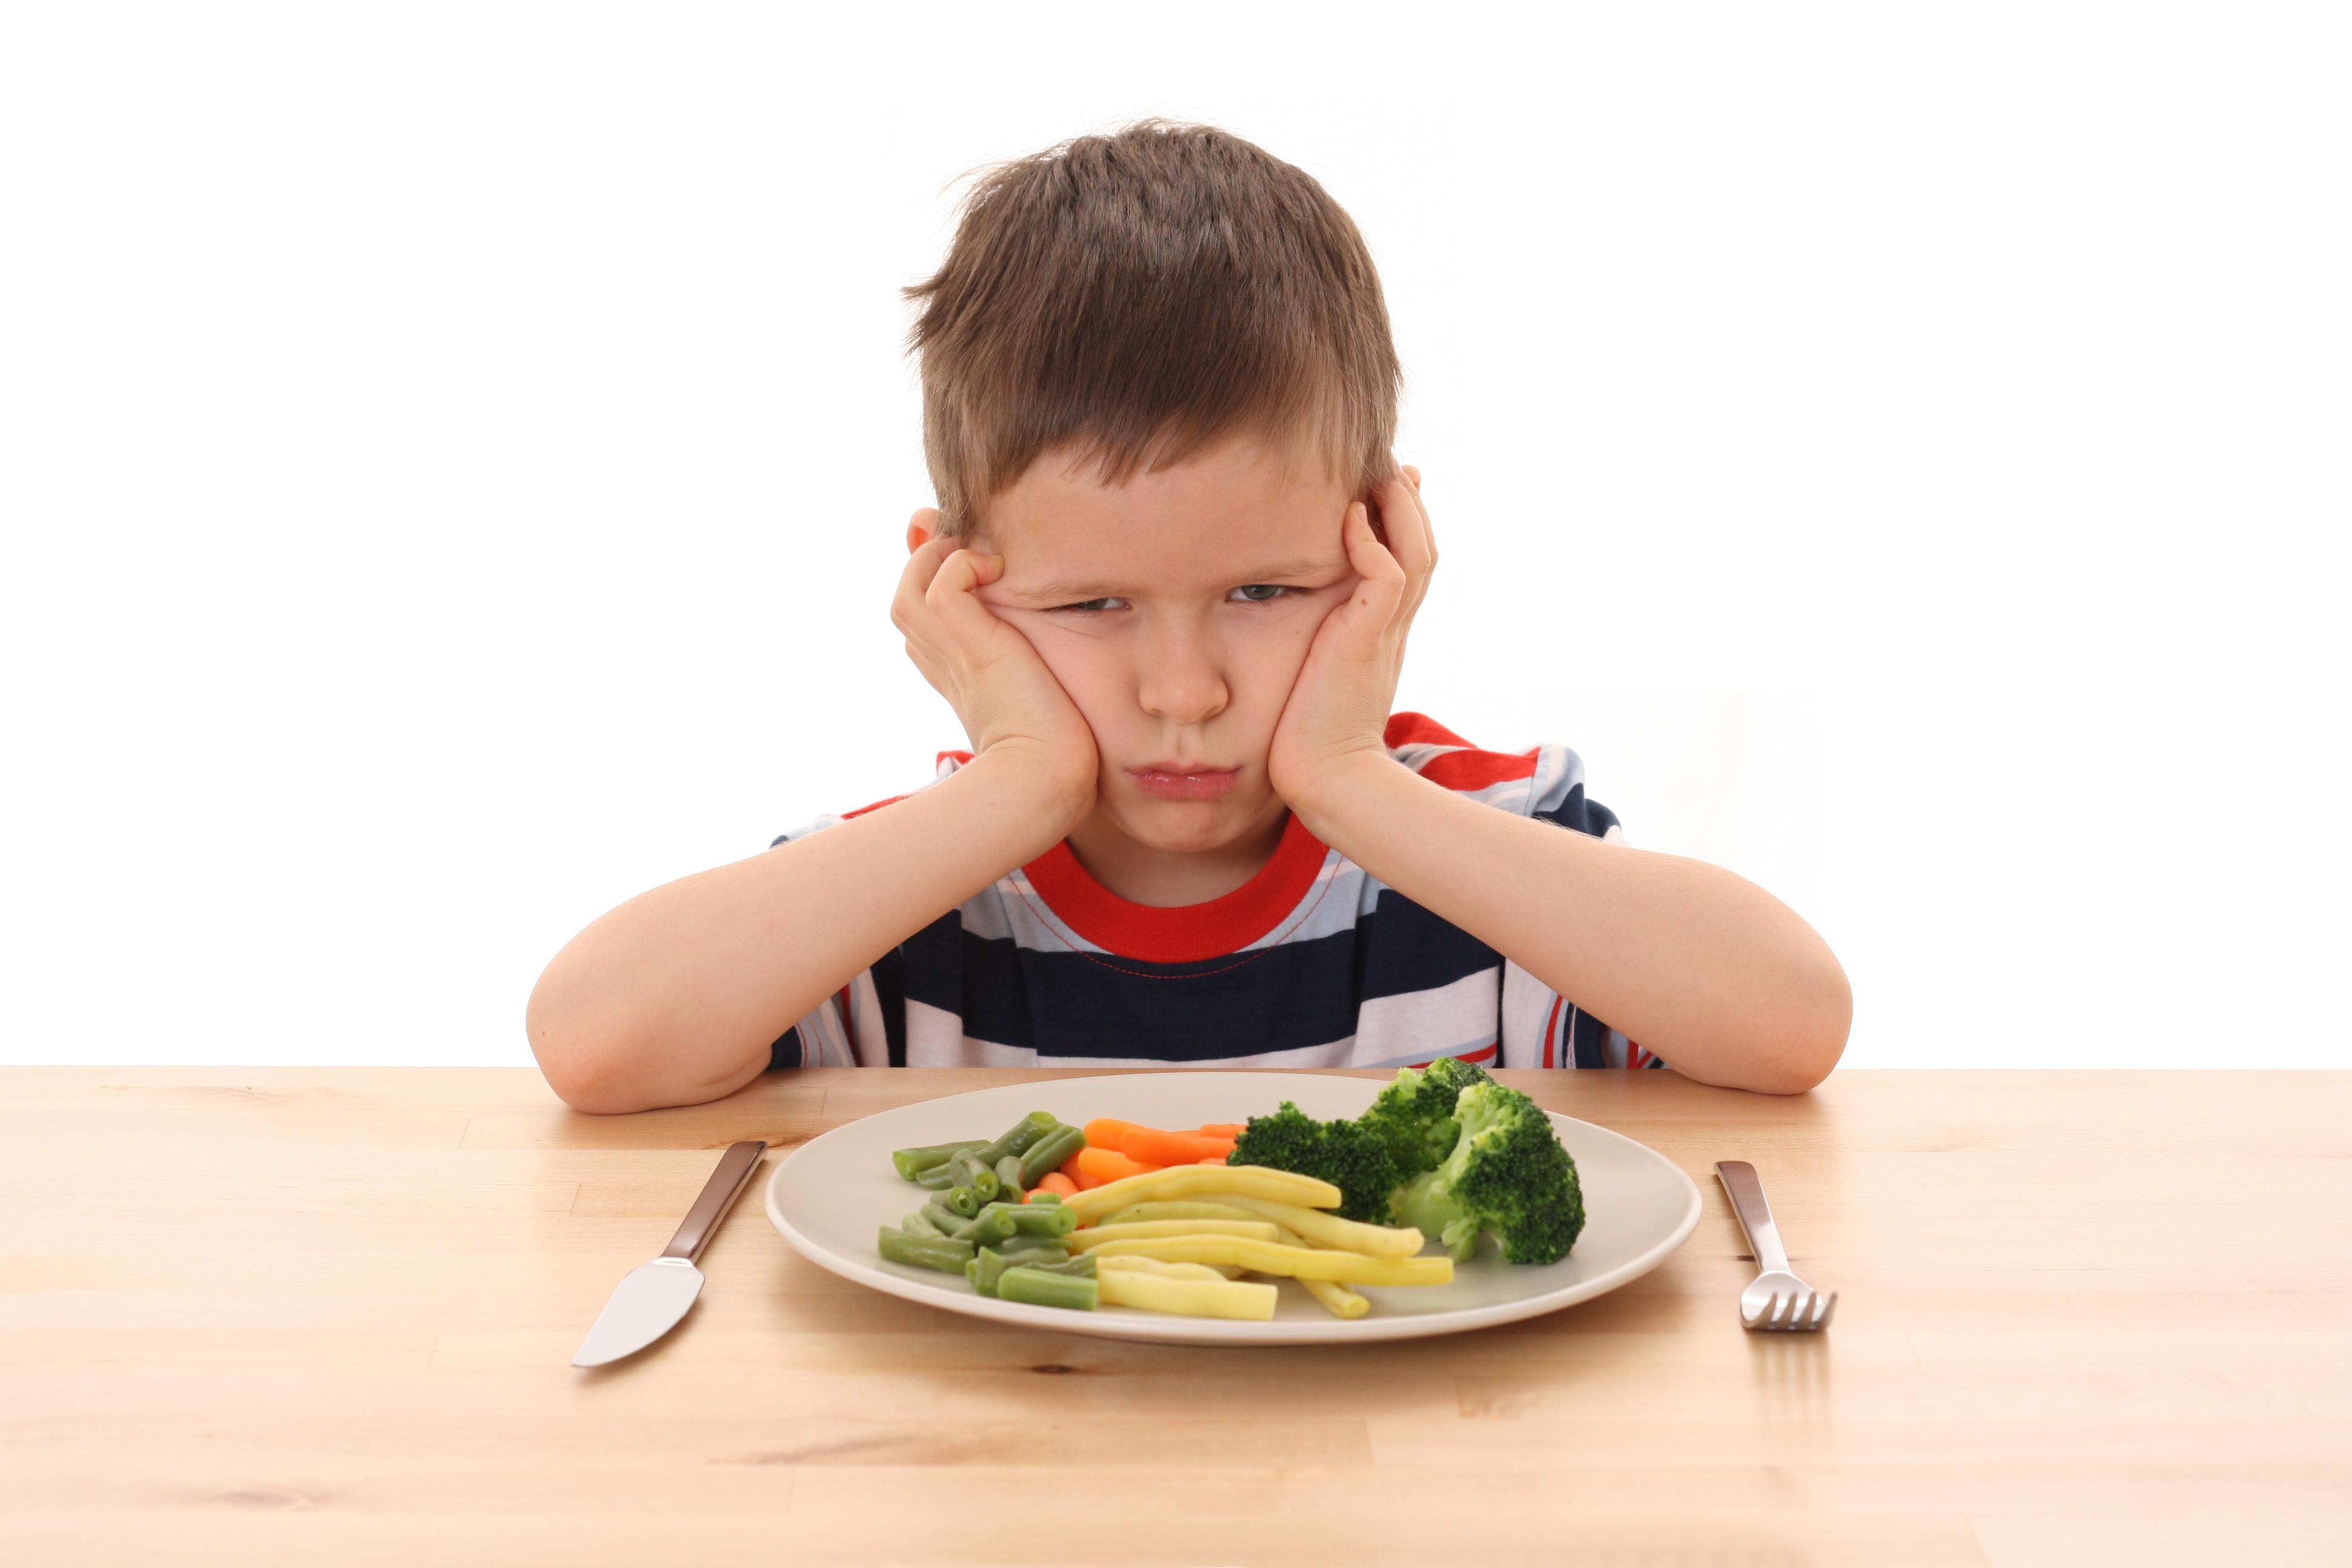 Kadang-kadang anak tidak mahu makan makanan yang disediakan